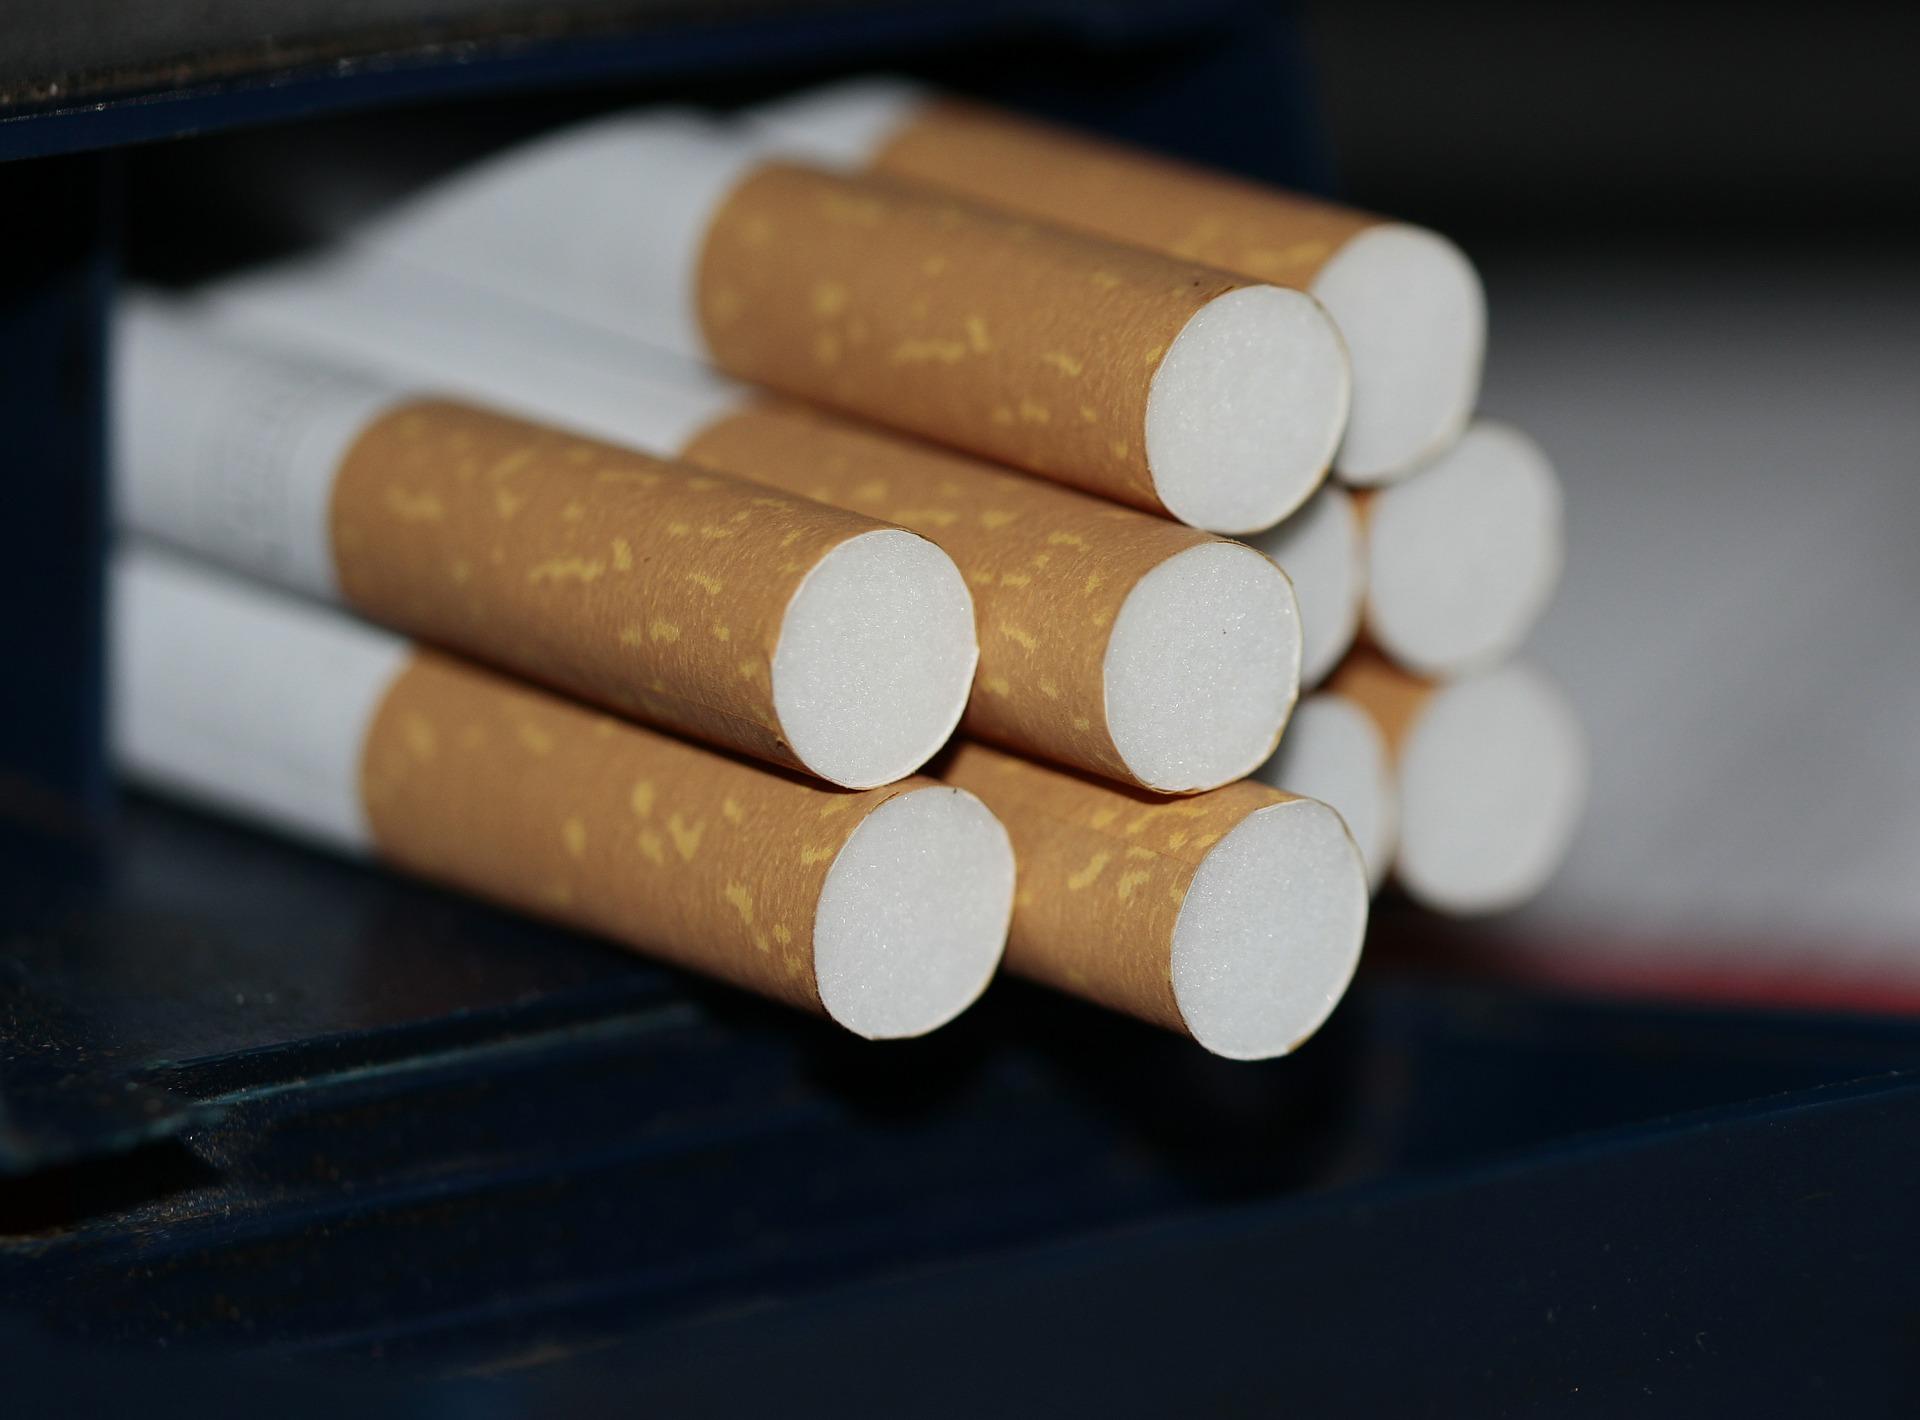 Cae 25% venta de cigarros en el país